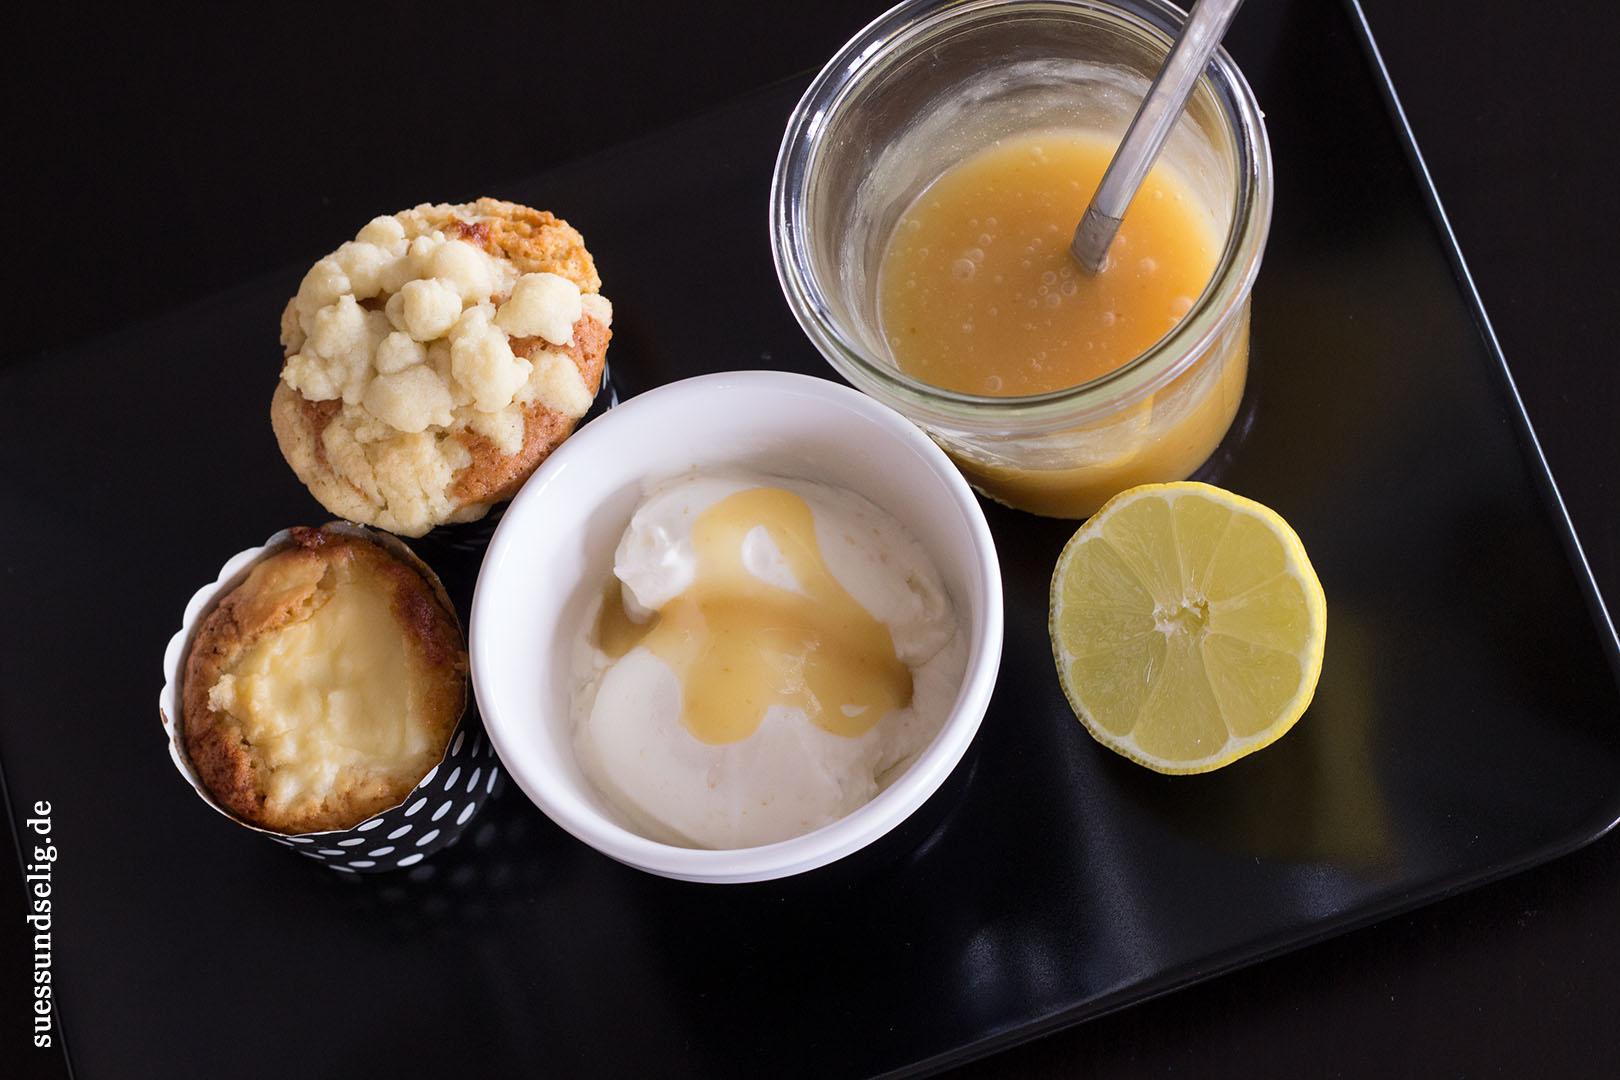 lemon muffins mit frischk se und lemon curd und zitronen buttermilch eis suessundselig. Black Bedroom Furniture Sets. Home Design Ideas